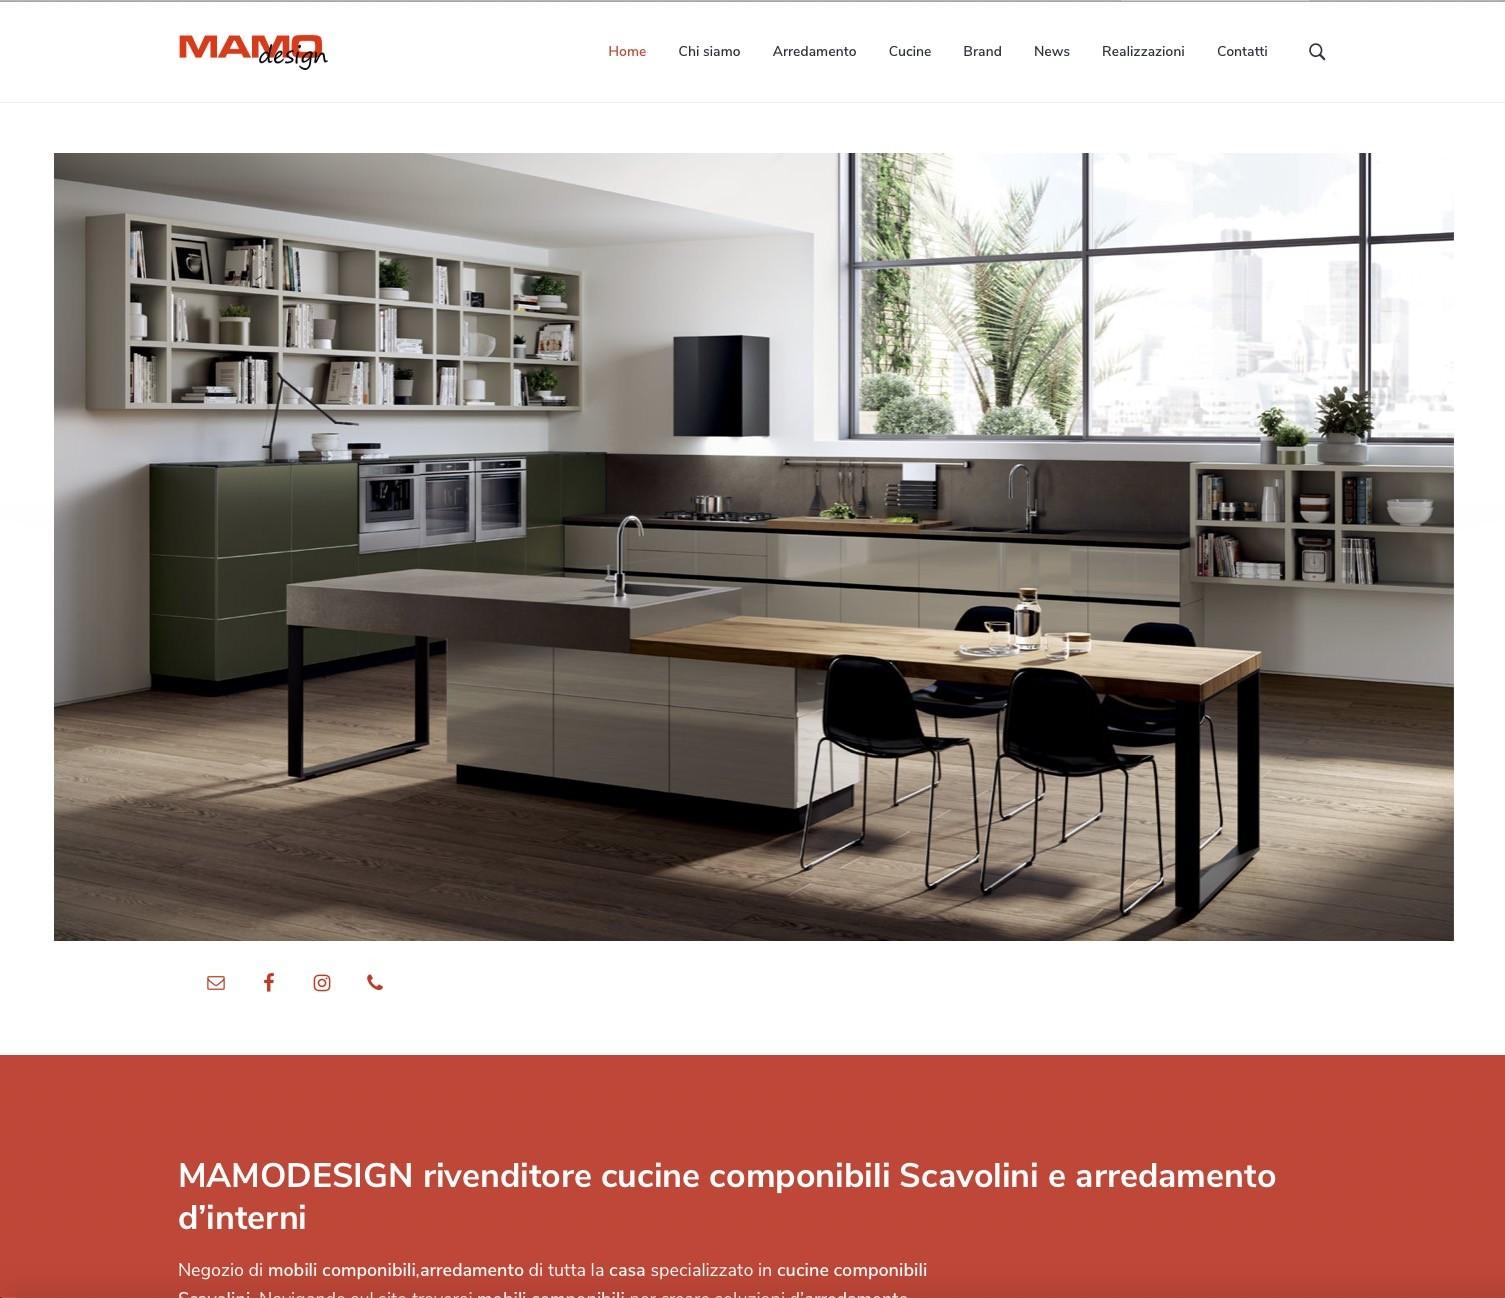 Sito web, MAMODESIGN, rivenditore cucine componibili Scavolini e arredamento d'interni 1